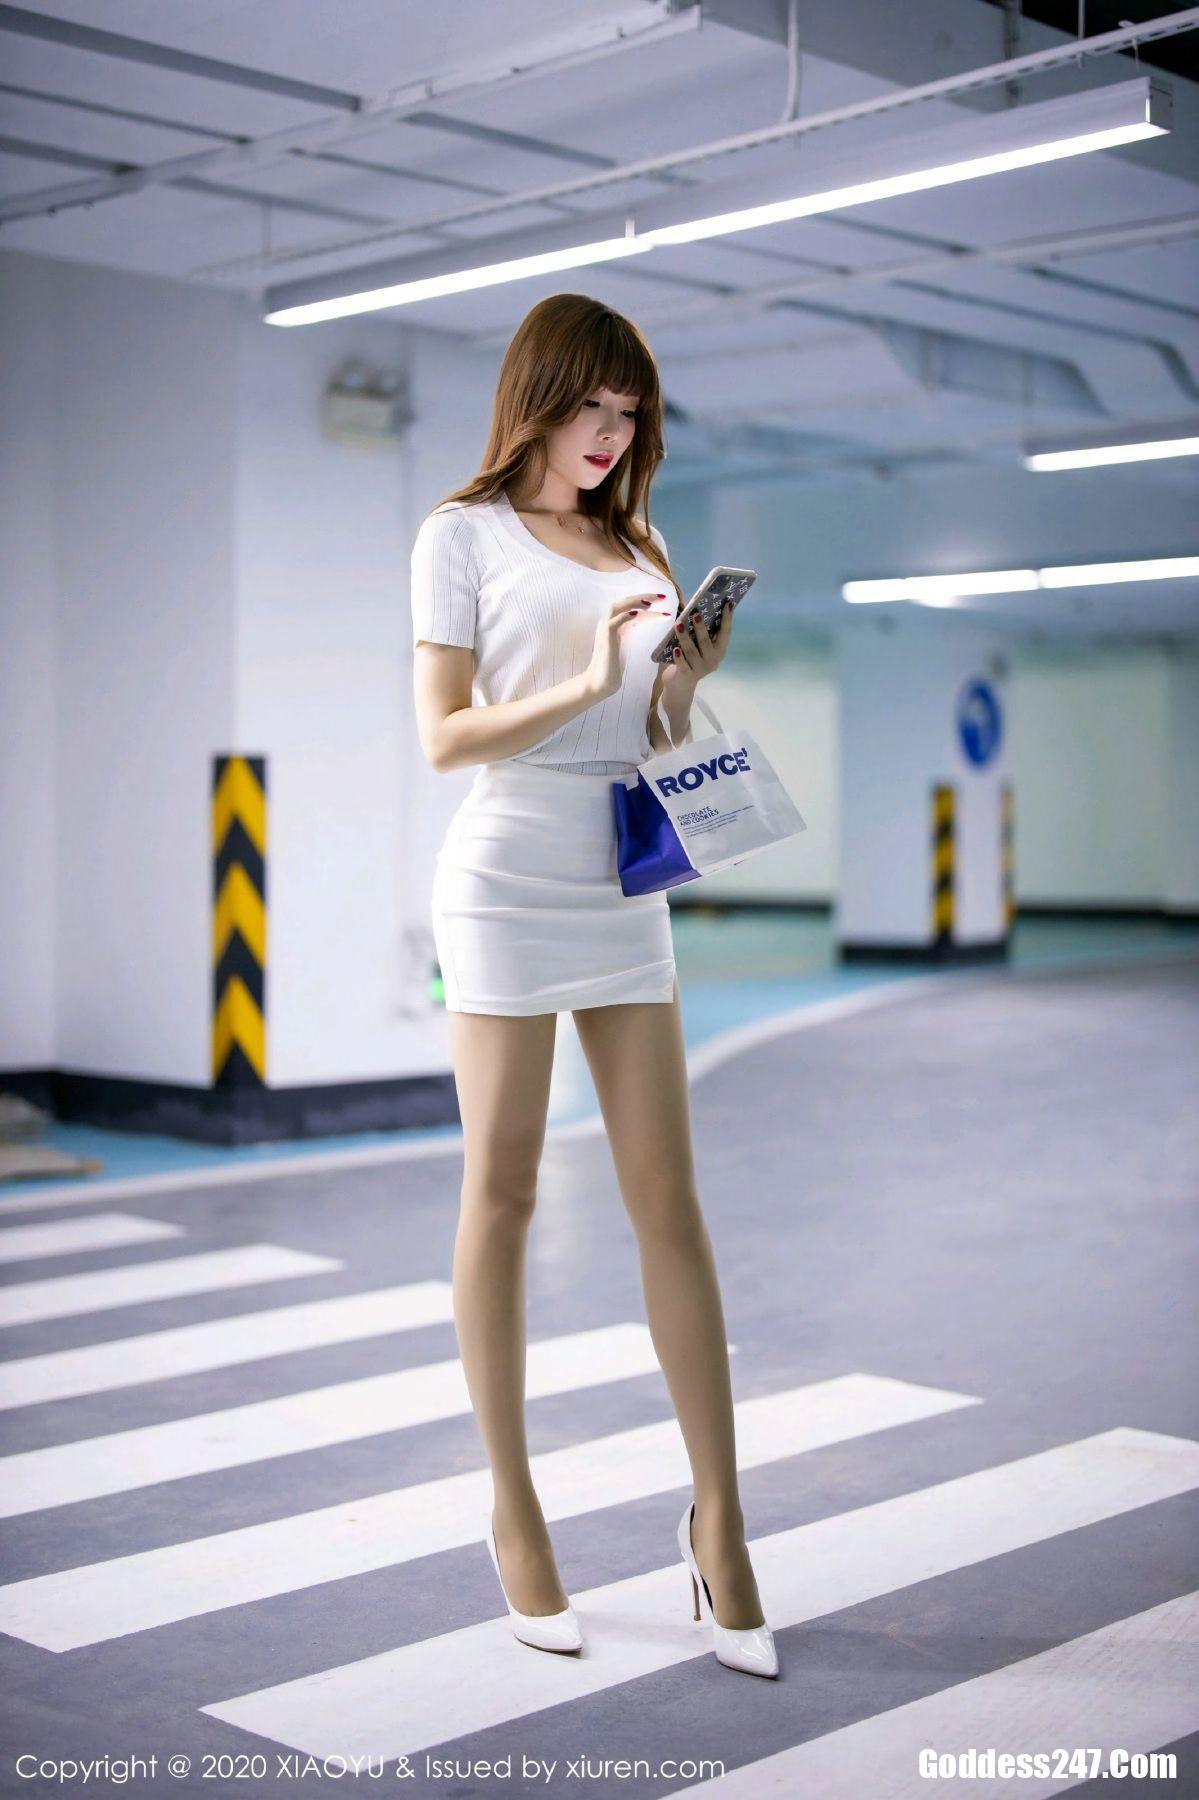 娇妍_XiaoYu语画界 No.432 芝芝Booty - Goddess247